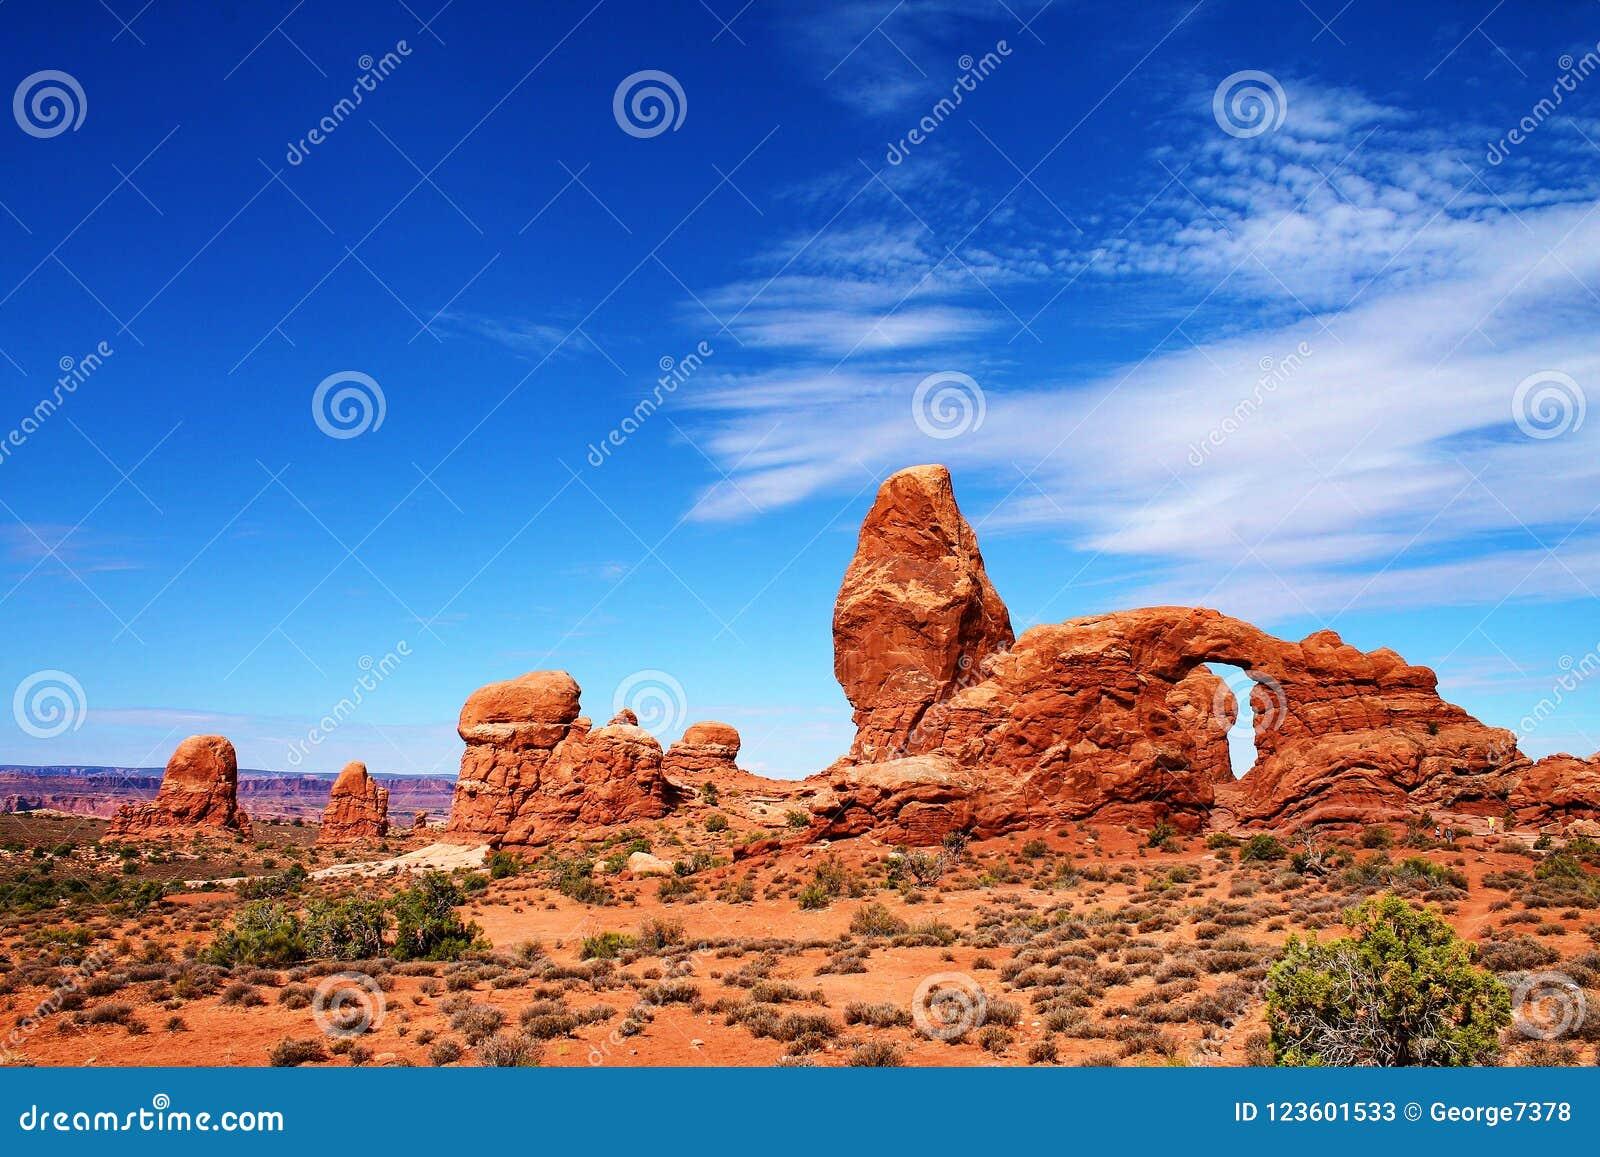 Unregelmäßige Felsformationen mit Berggipfeln und Bogen, über einer Wüstenlandschaft in Utah